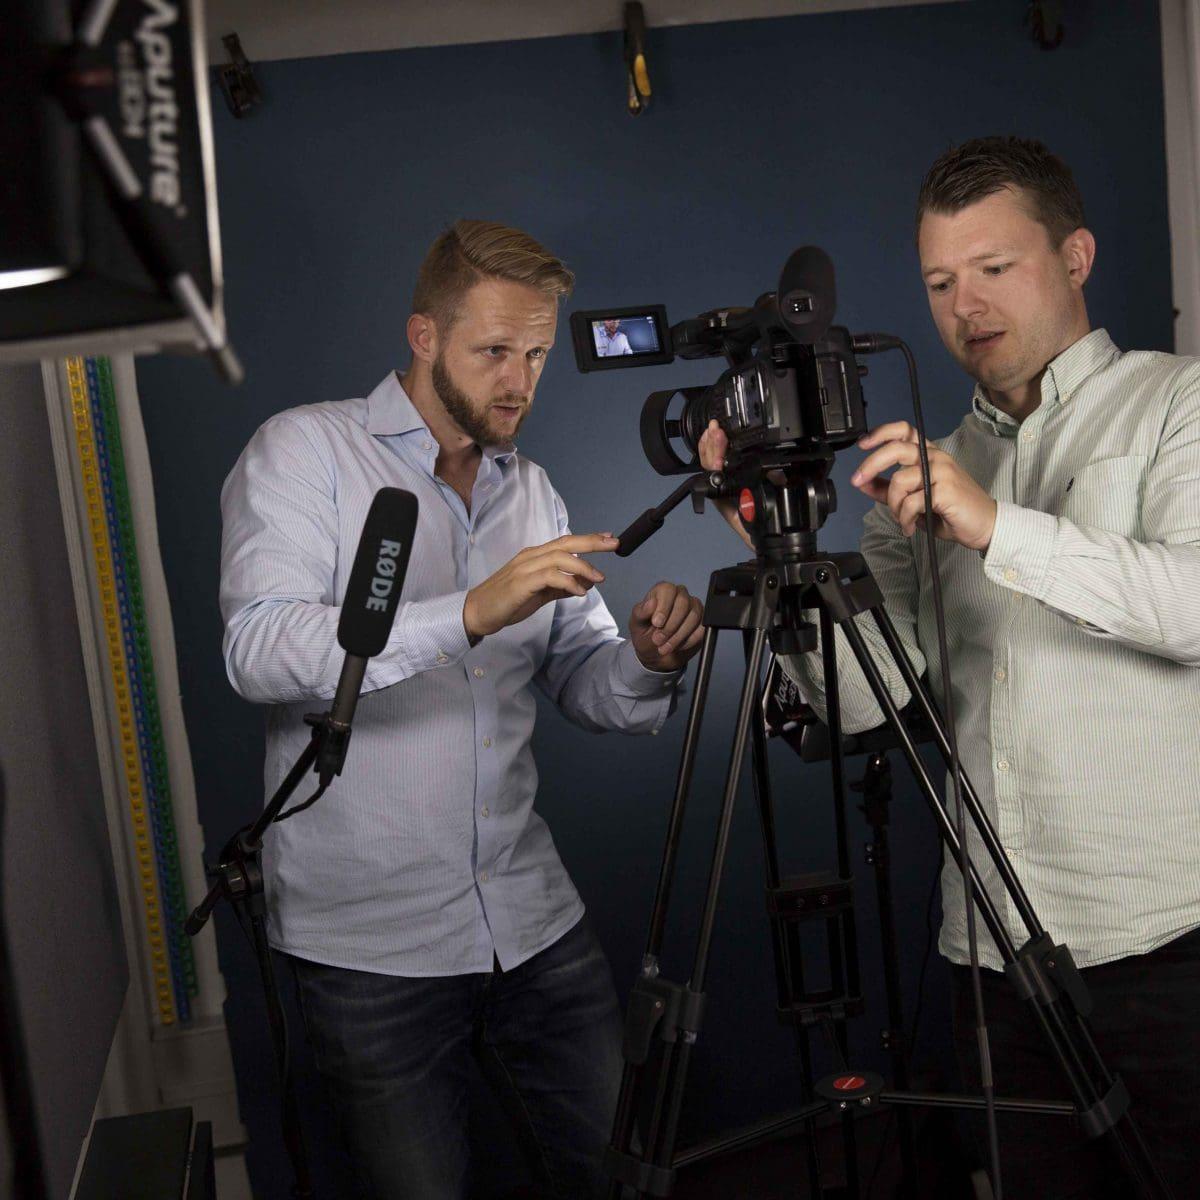 Rolf Pedersen og Tue Lindblad arbejder på kamera online kursus studie team kollegaer iværksættere